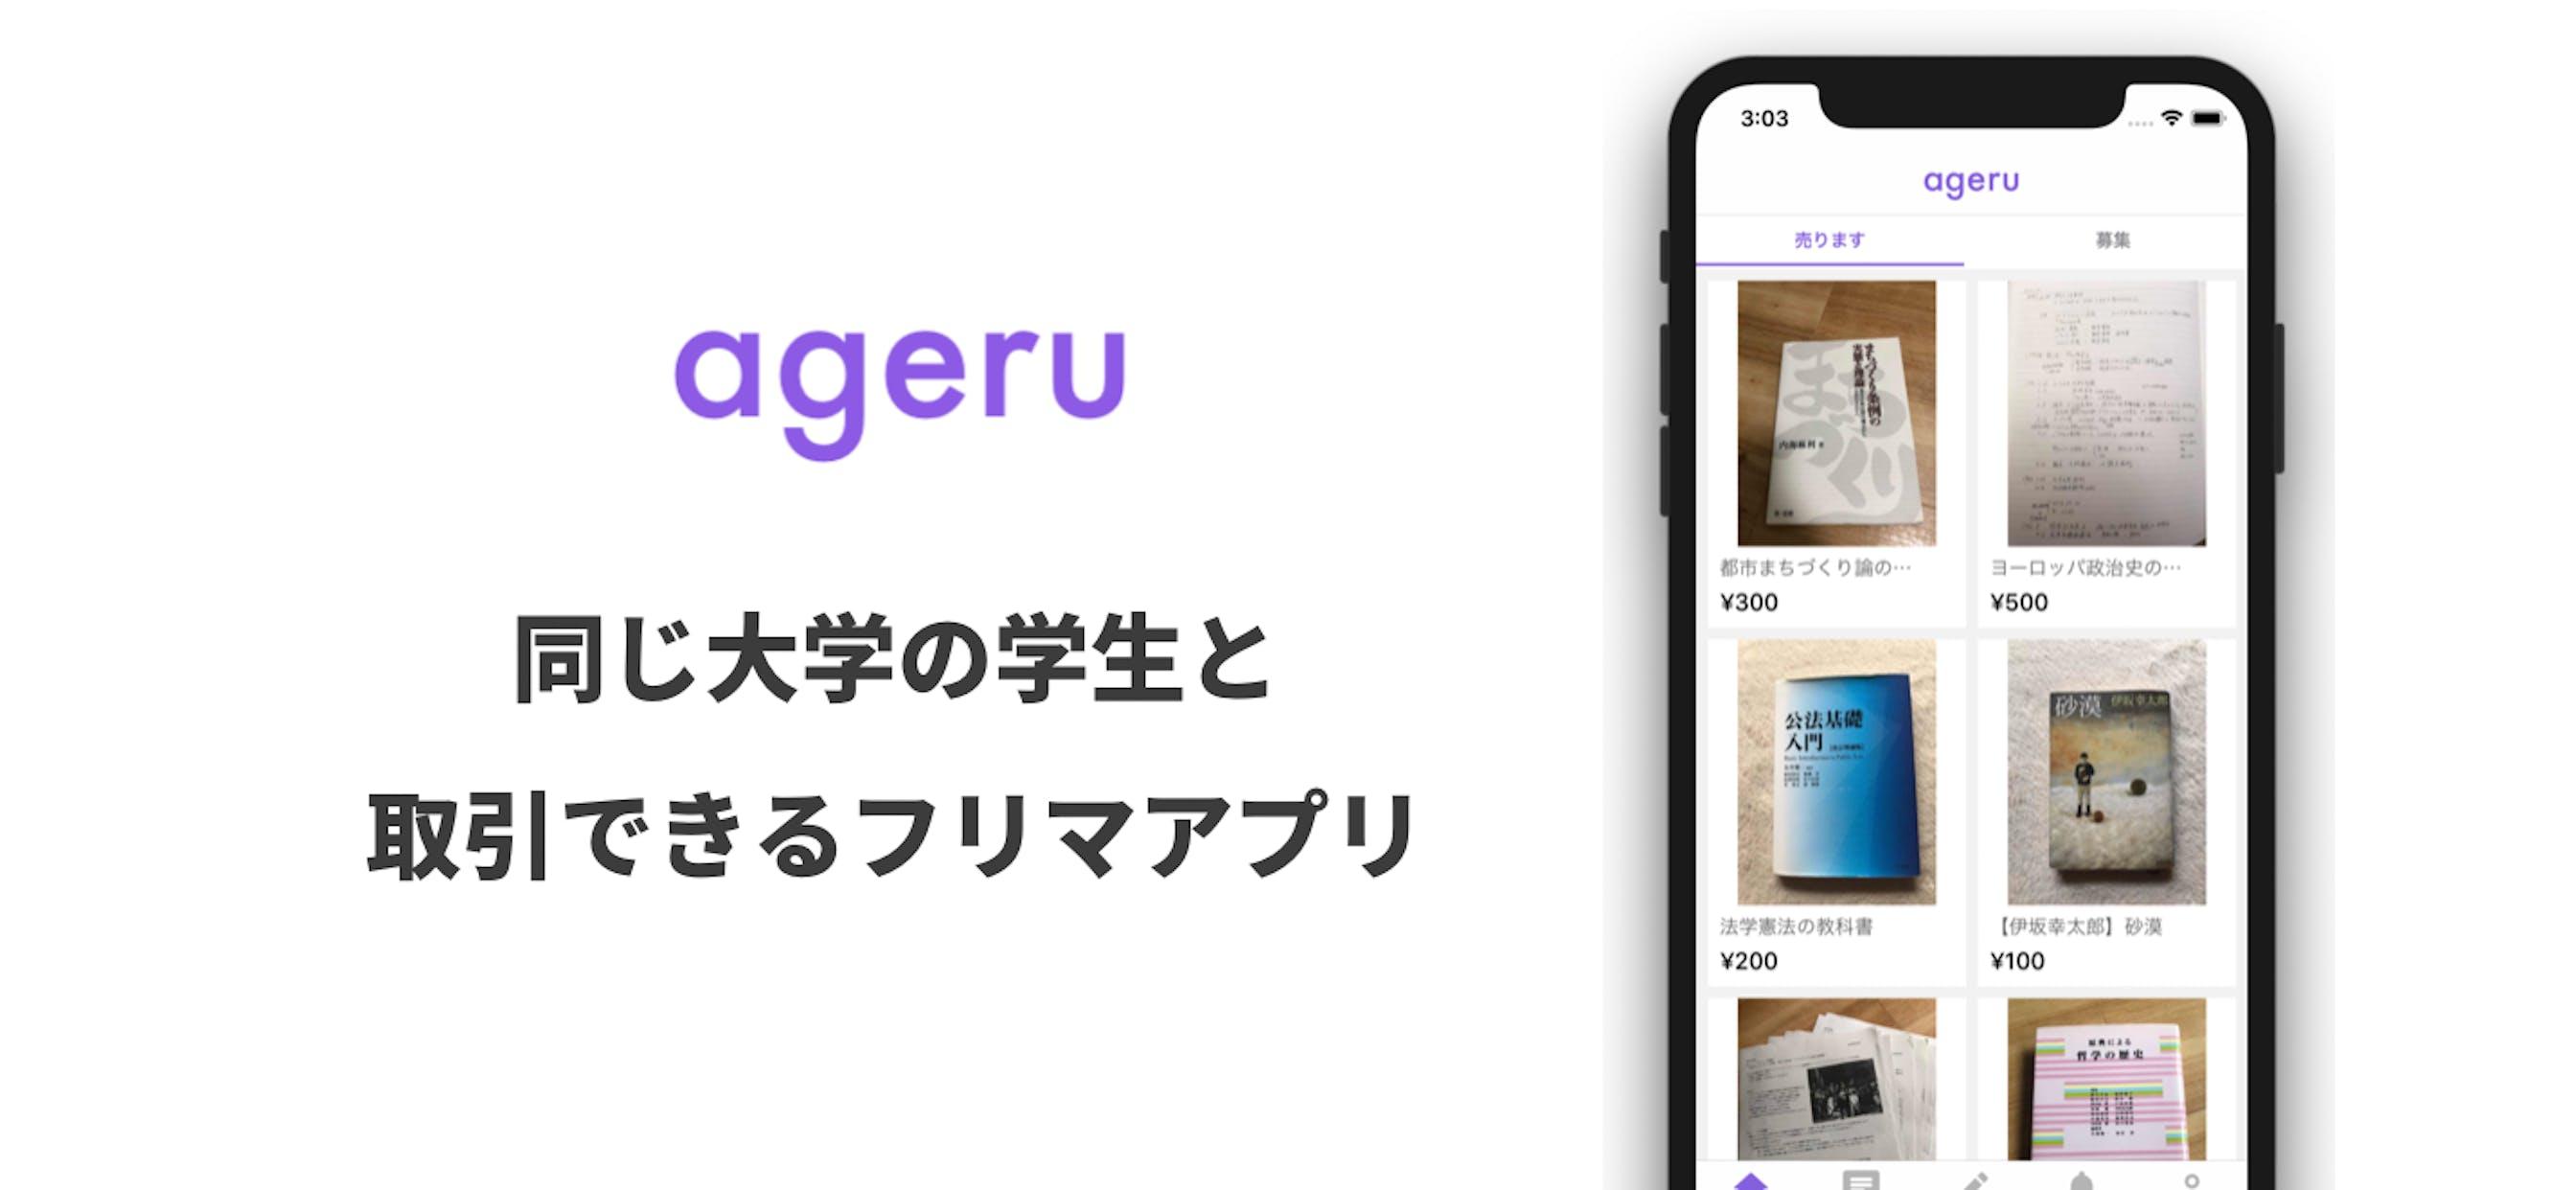 スクリーンショット 2019-07-01 16.49.02.png